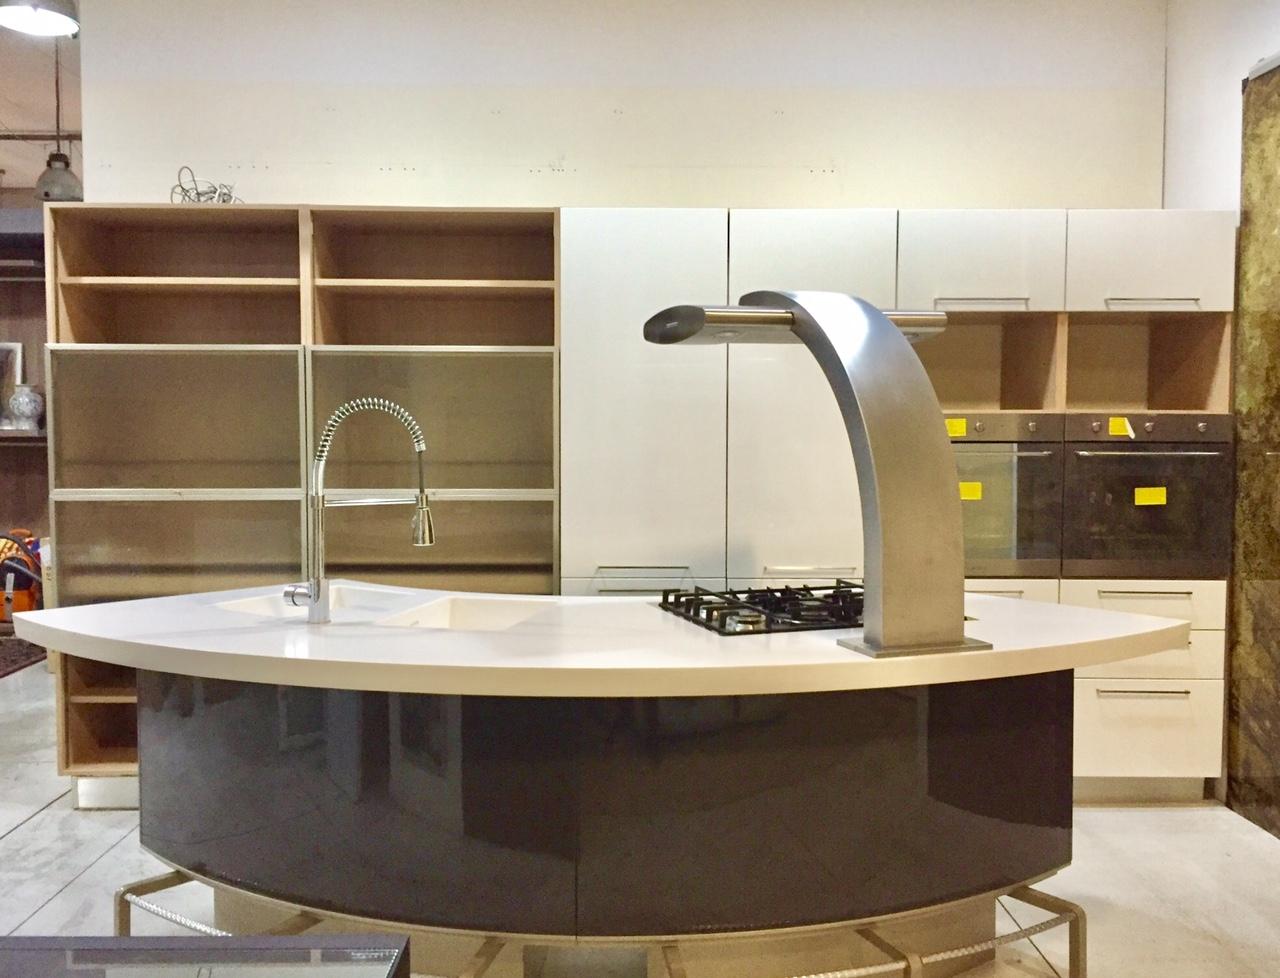 Cucina lube mod marta lucido bianco e grigio piano in - Piano cucina in corian prezzi ...